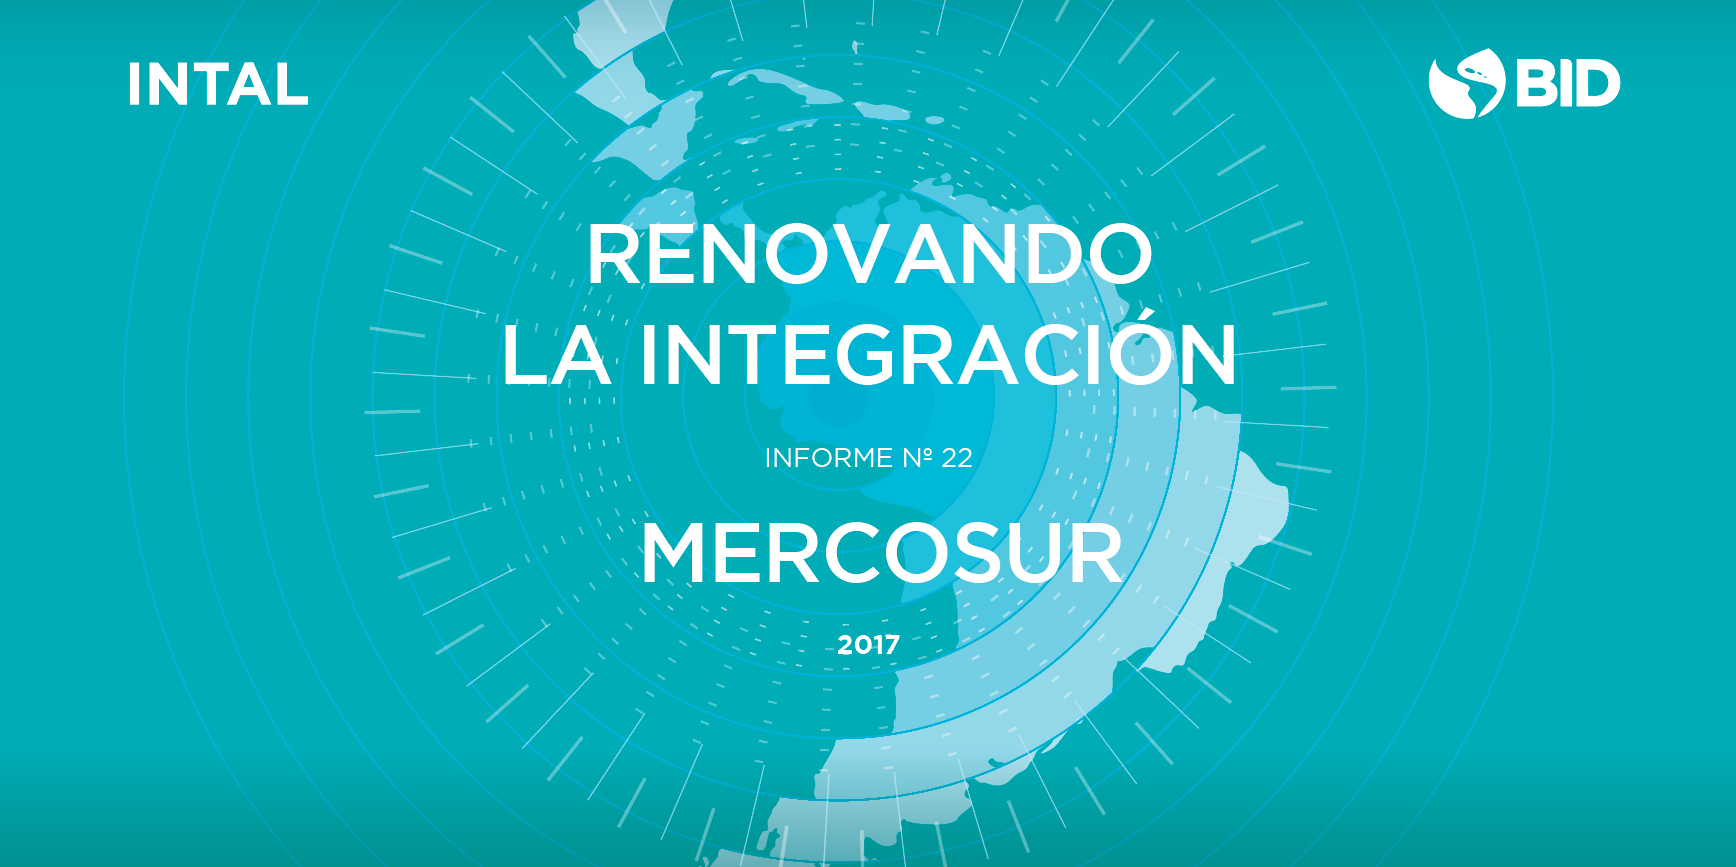 MERCOSUR: Renovando la integración